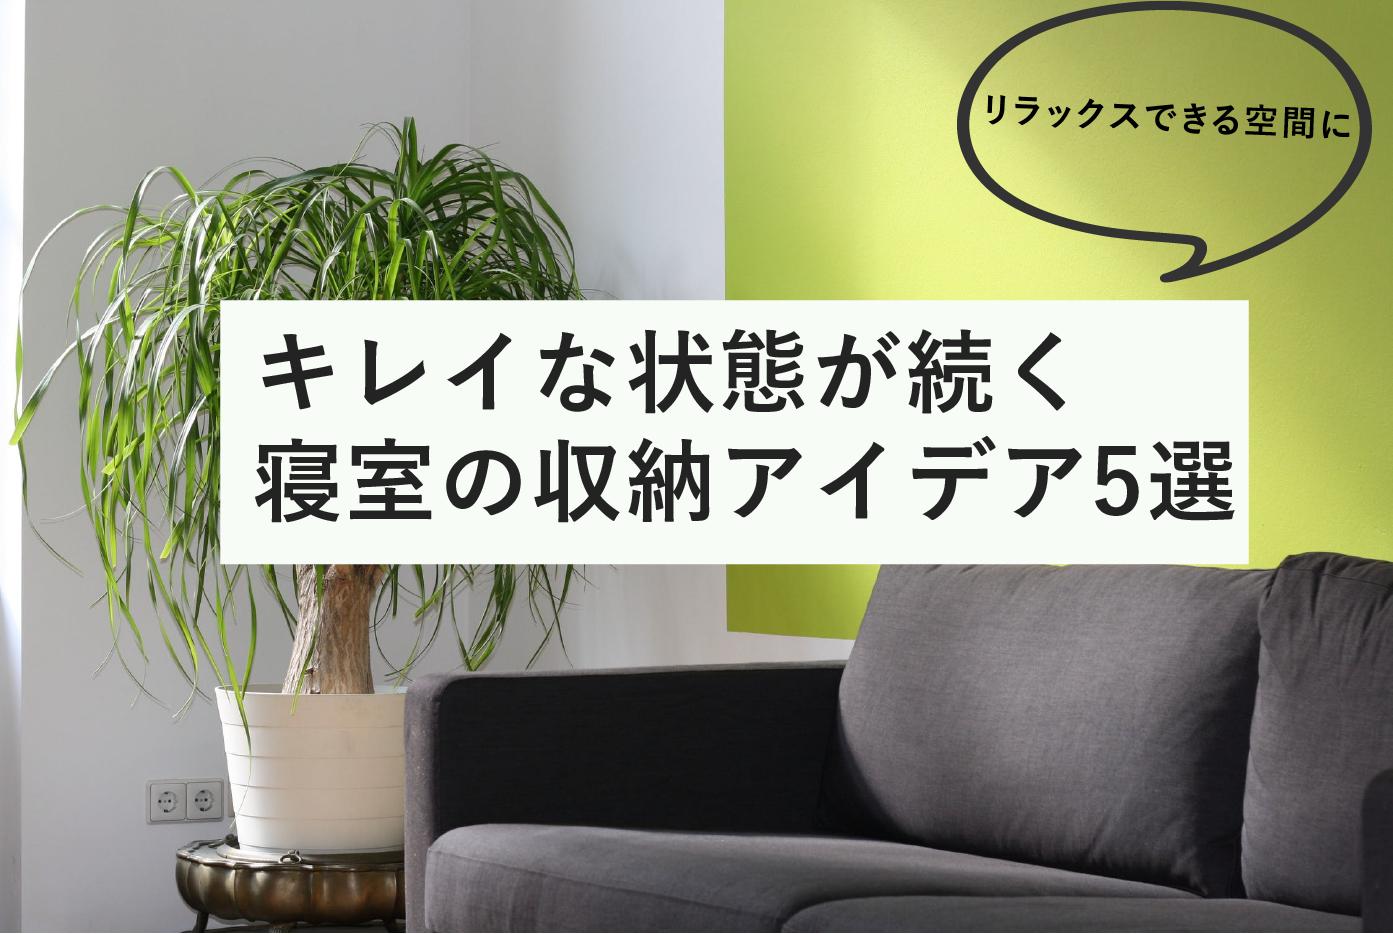 リラックスできる空間に。キレイな状態が続く寝室の収納アイデア5選